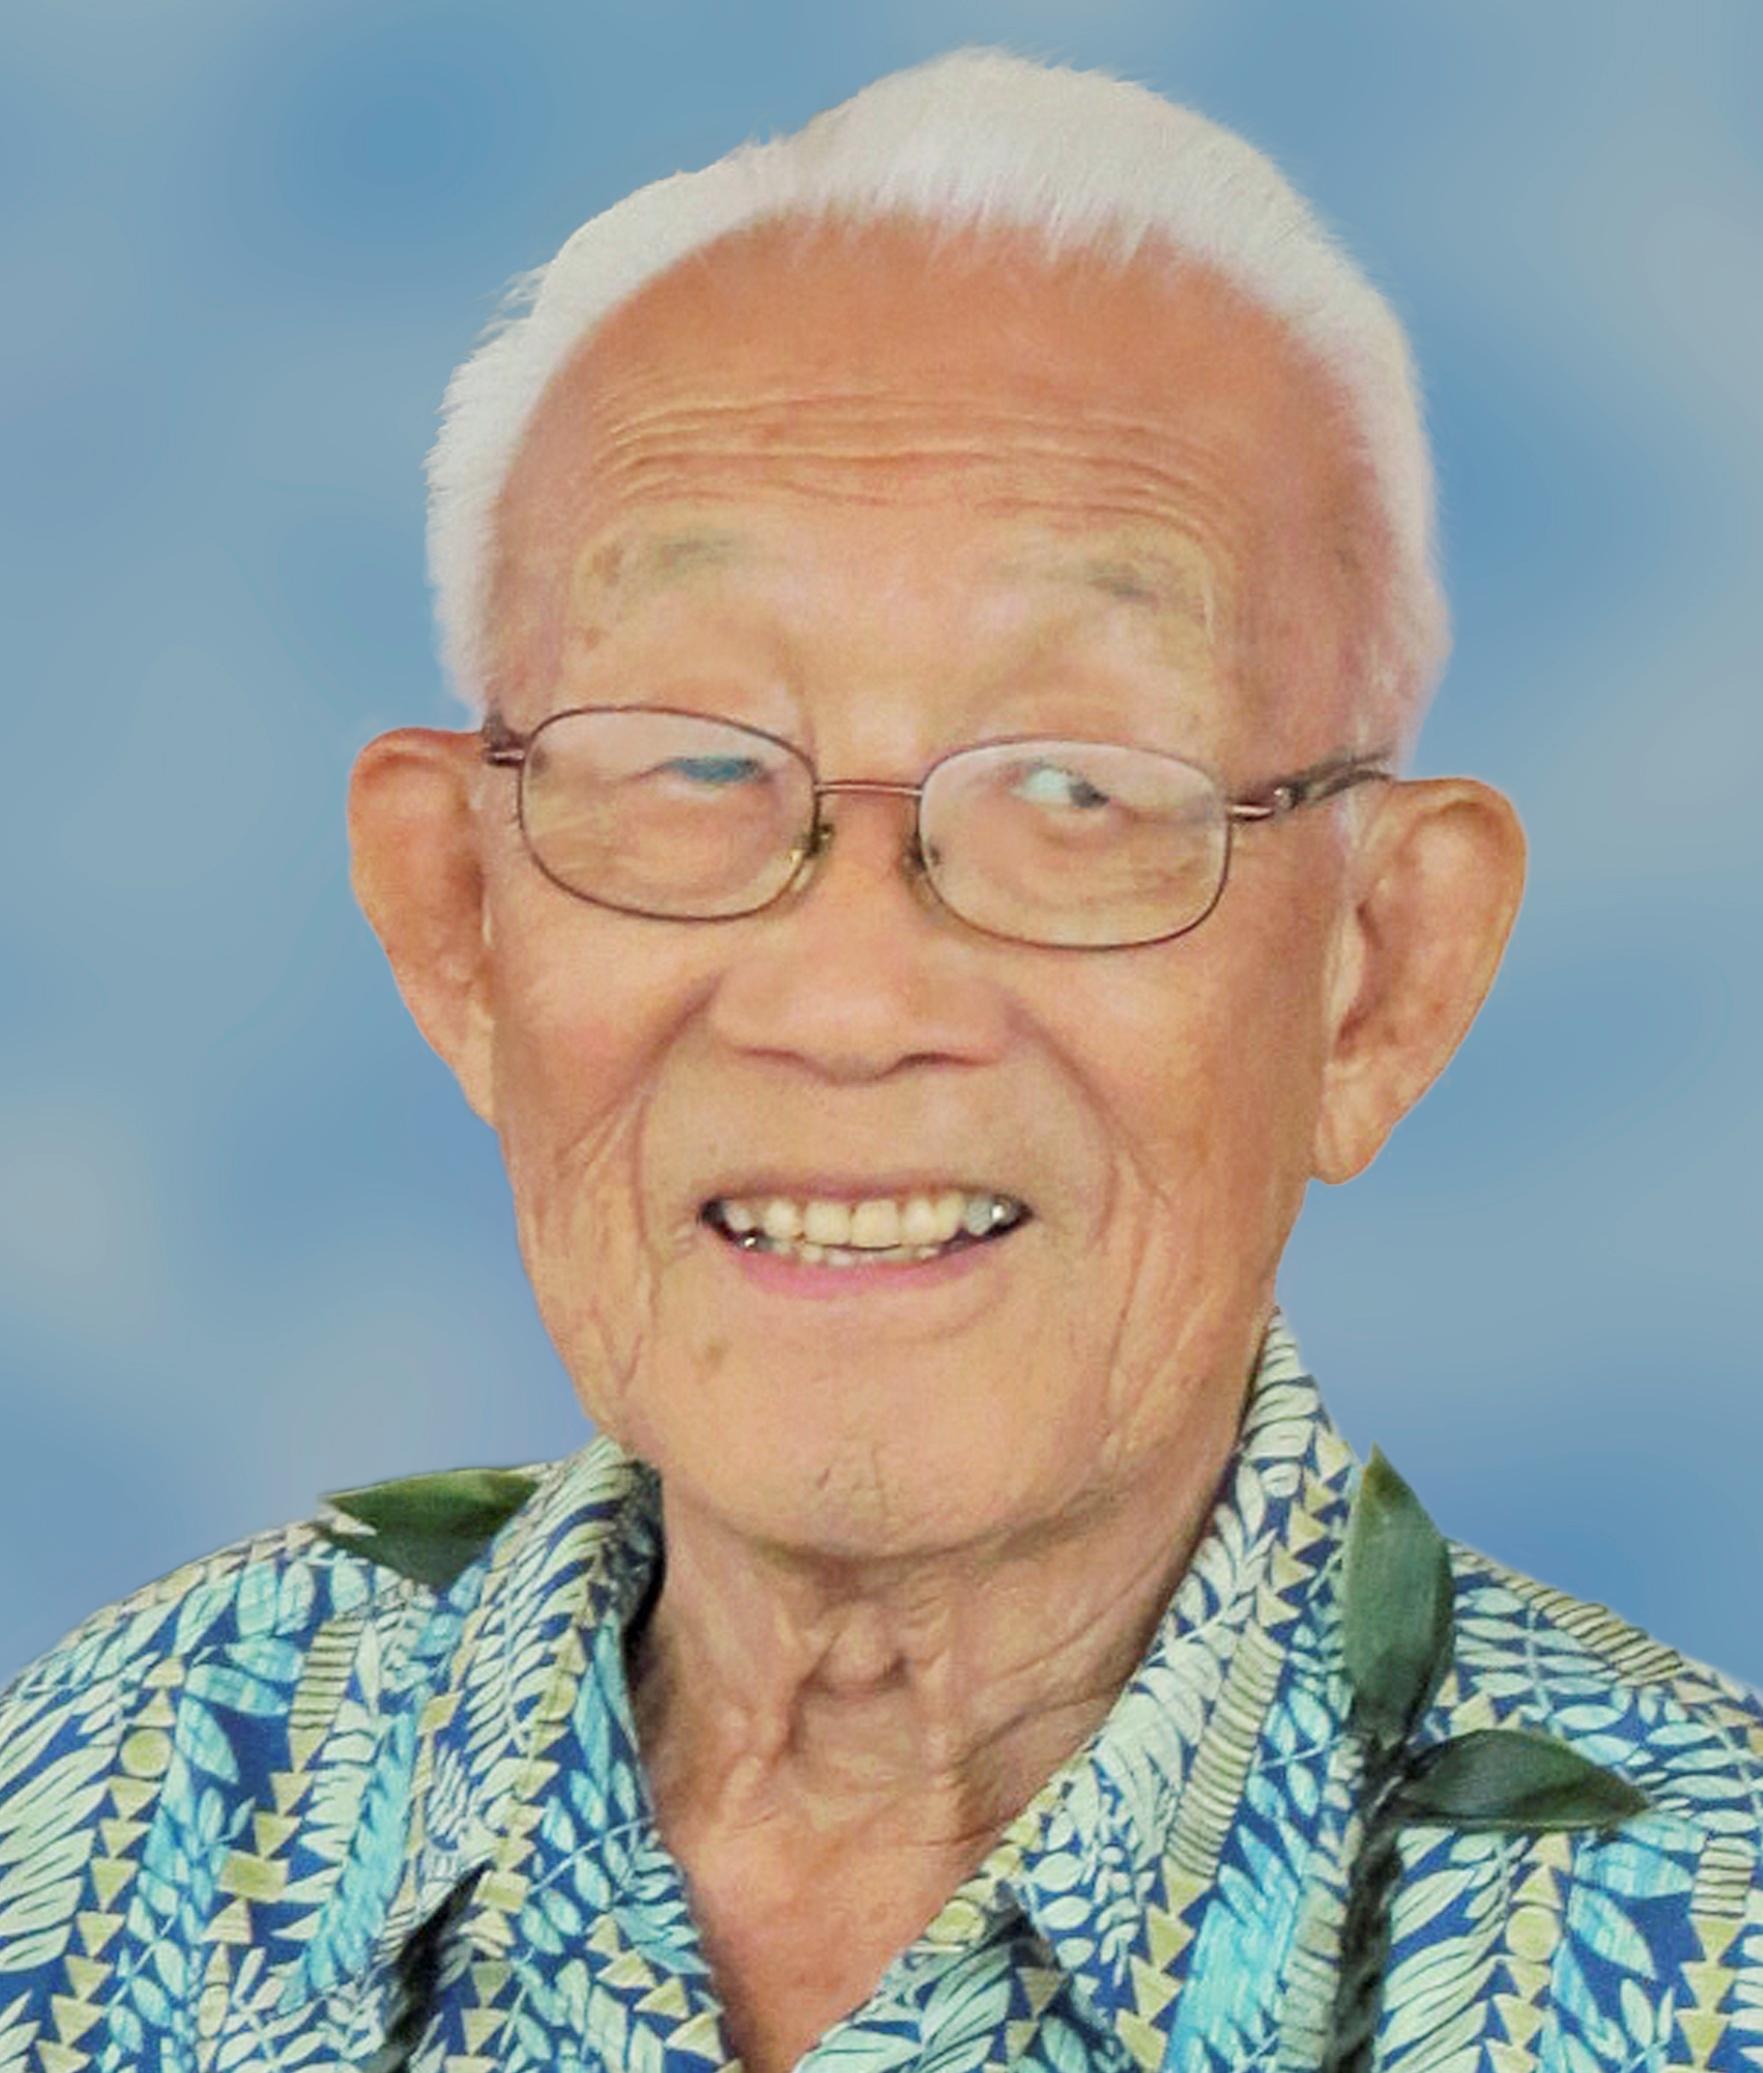 HENRY TAKASHI IZUKA